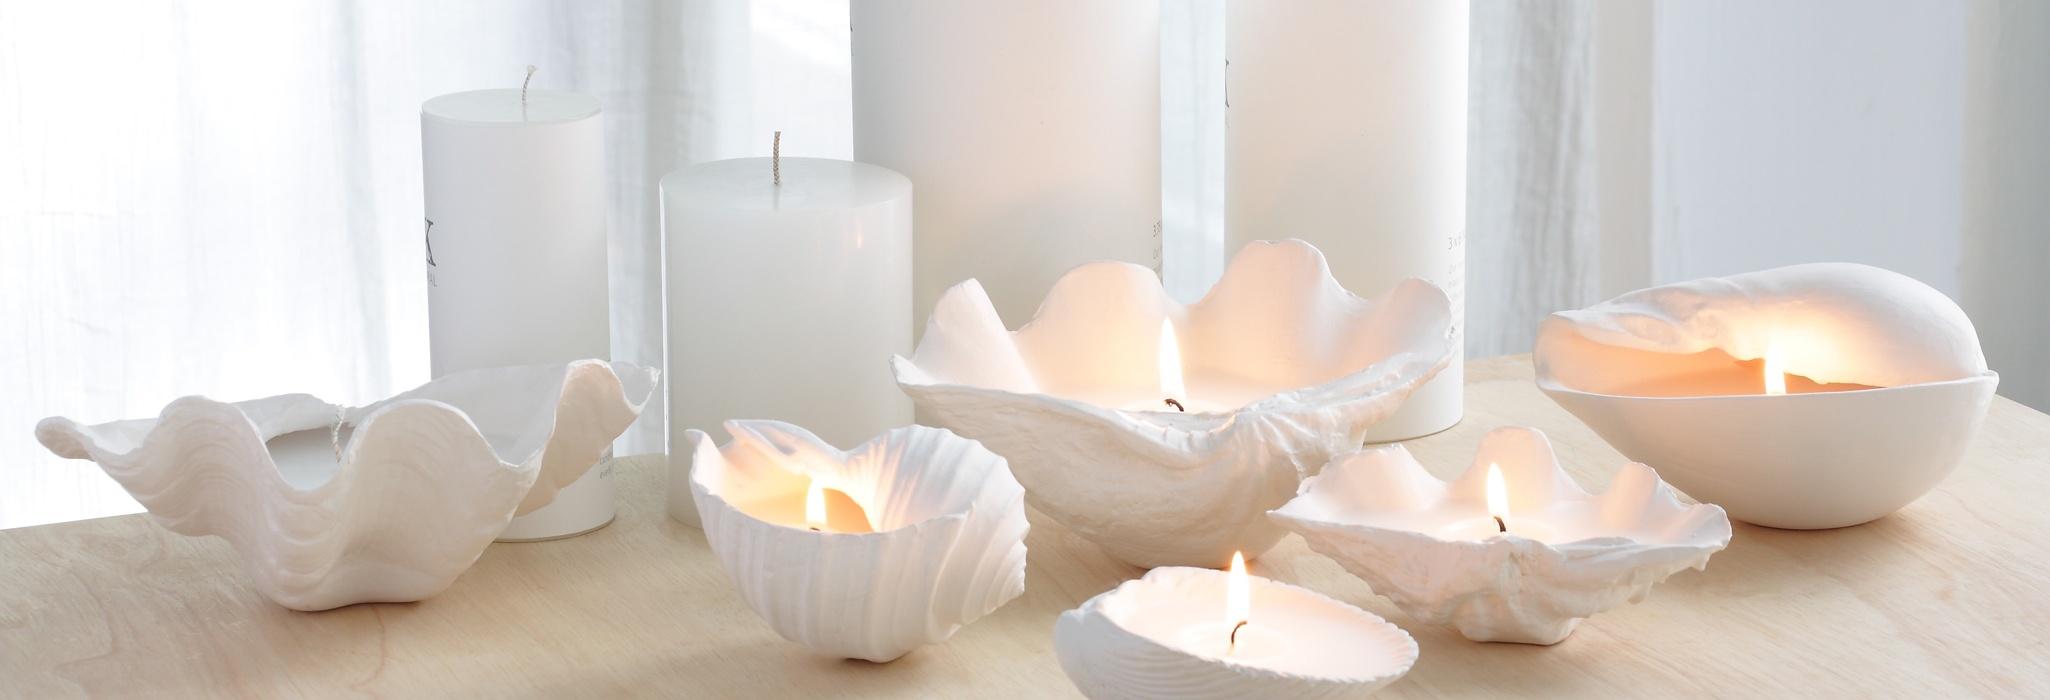 شمع استوانه قطر  ٢٠ * ١٠